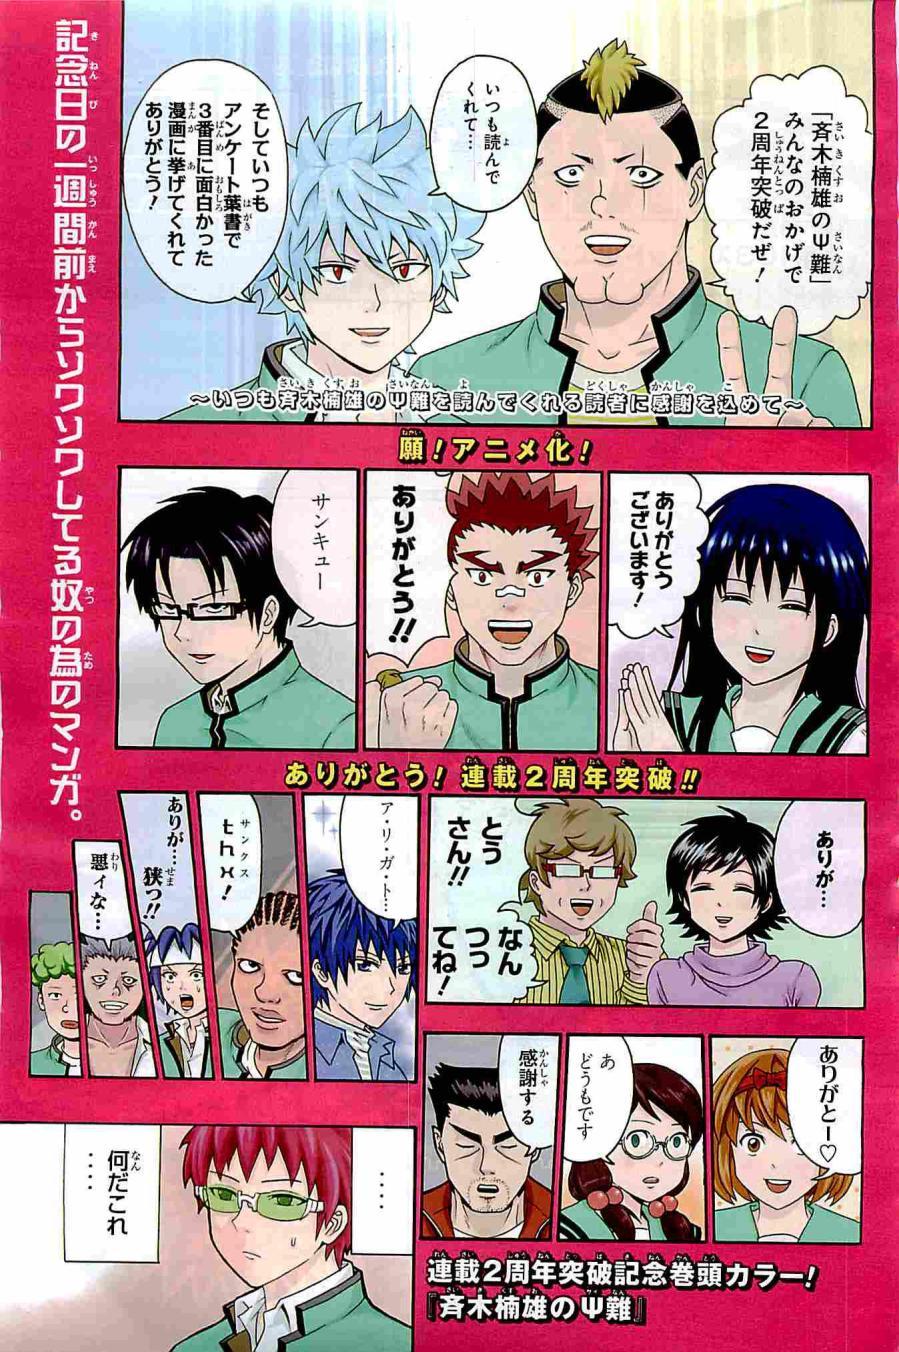 Saiki Kusuo no Sainan page 3 Weekly Shonen Jump 2014 #29